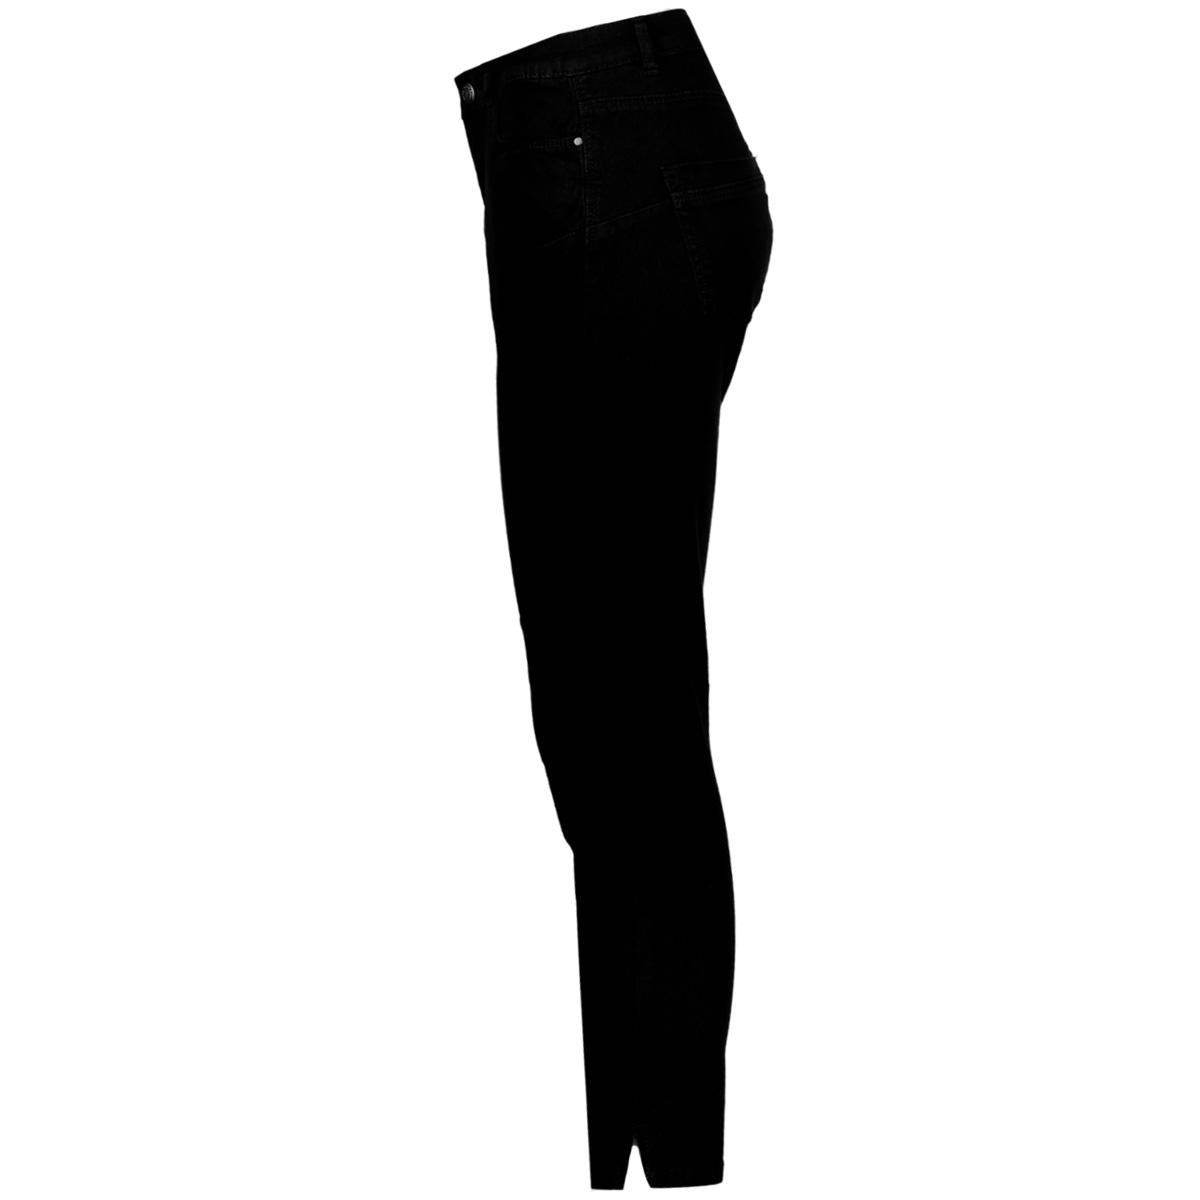 077ee1b004 esprit jeans e001